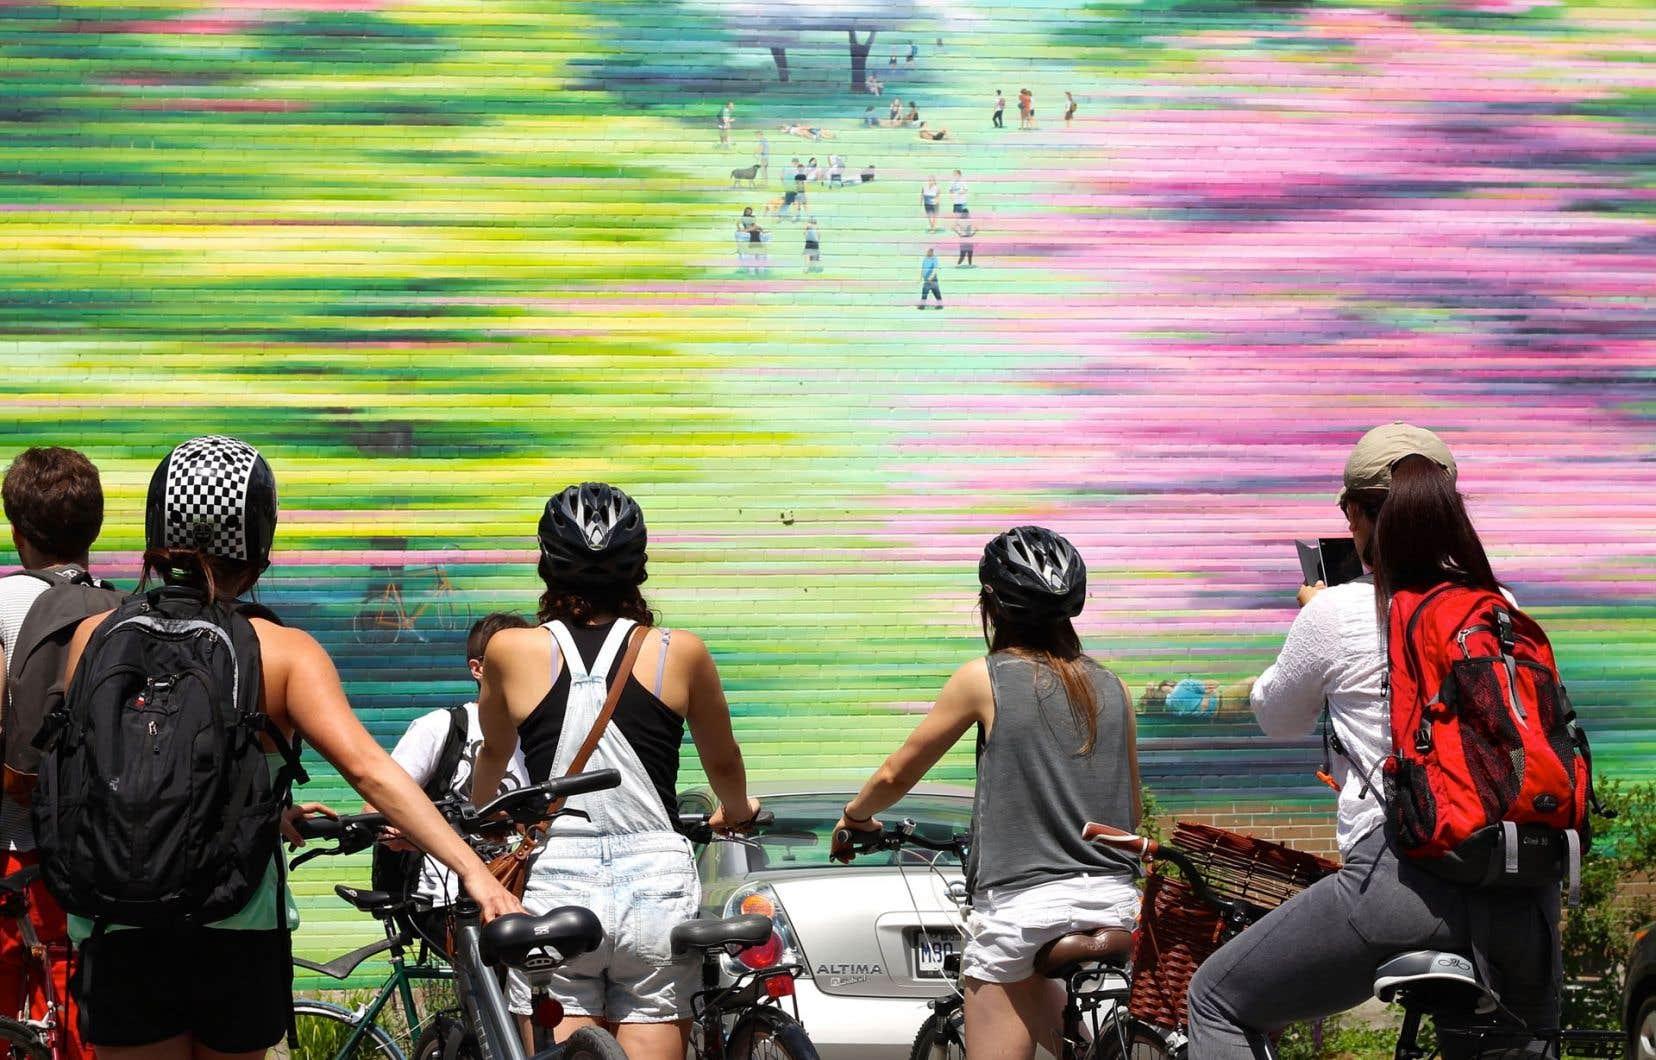 Plus une belle promenade qu'un tour muséal, le parcours de l'artiste Cam Novak sensibilise doucement à l'art urbain.